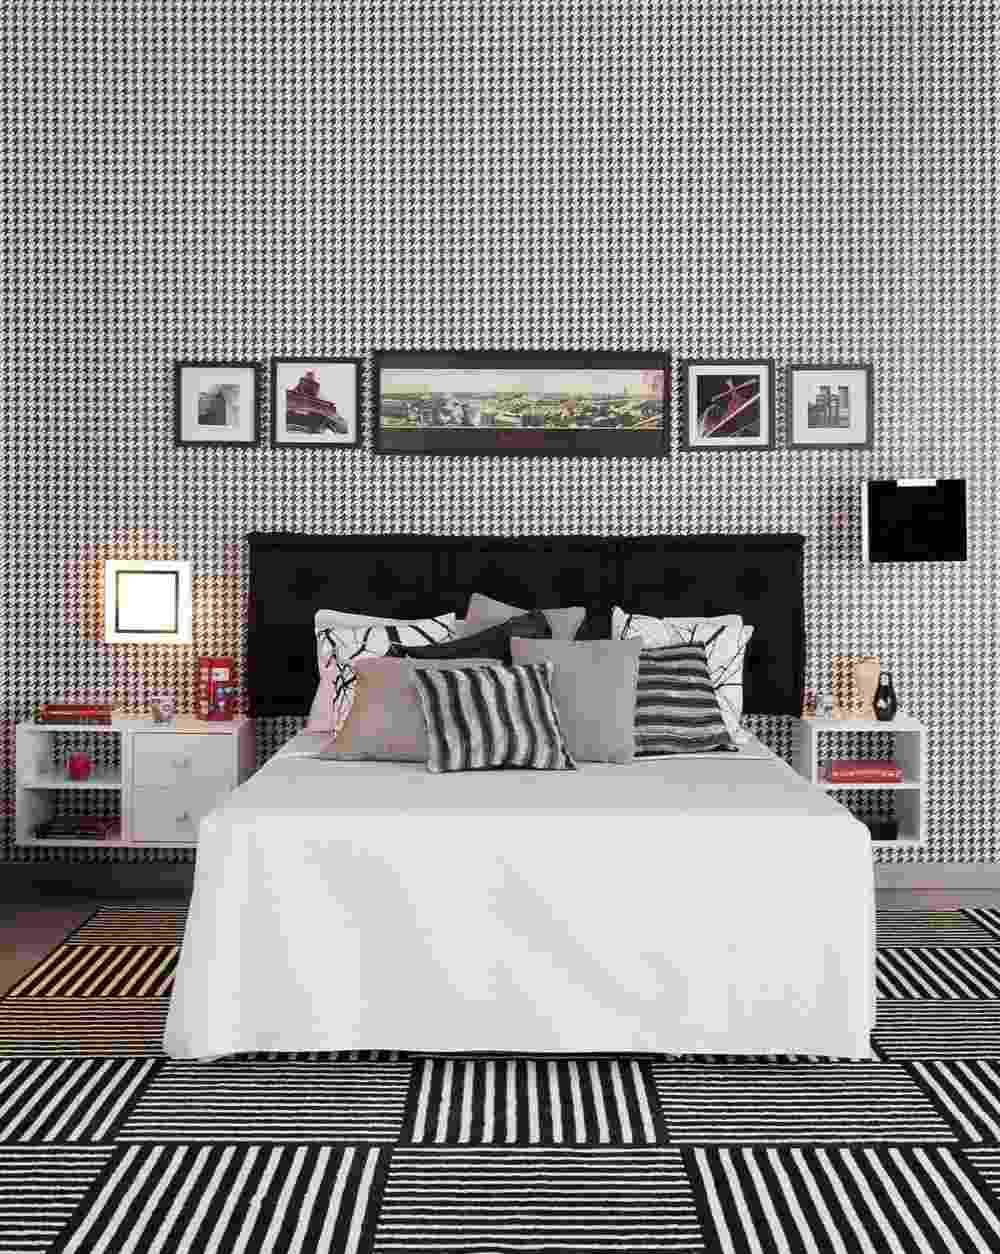 O dormitório de casal, projetado pelo arquiteto Gustavo Calazans, explora os grafismos em preto e branco no tapete listrado e no papel de parede de motivo pied de poule. A utilização do futon preto como cabeceira da cama é uma solução econômica e confortável. A combinação P&B, sempre em alta, confere requinte e modernidade a qualquer ambiente - Divulgação